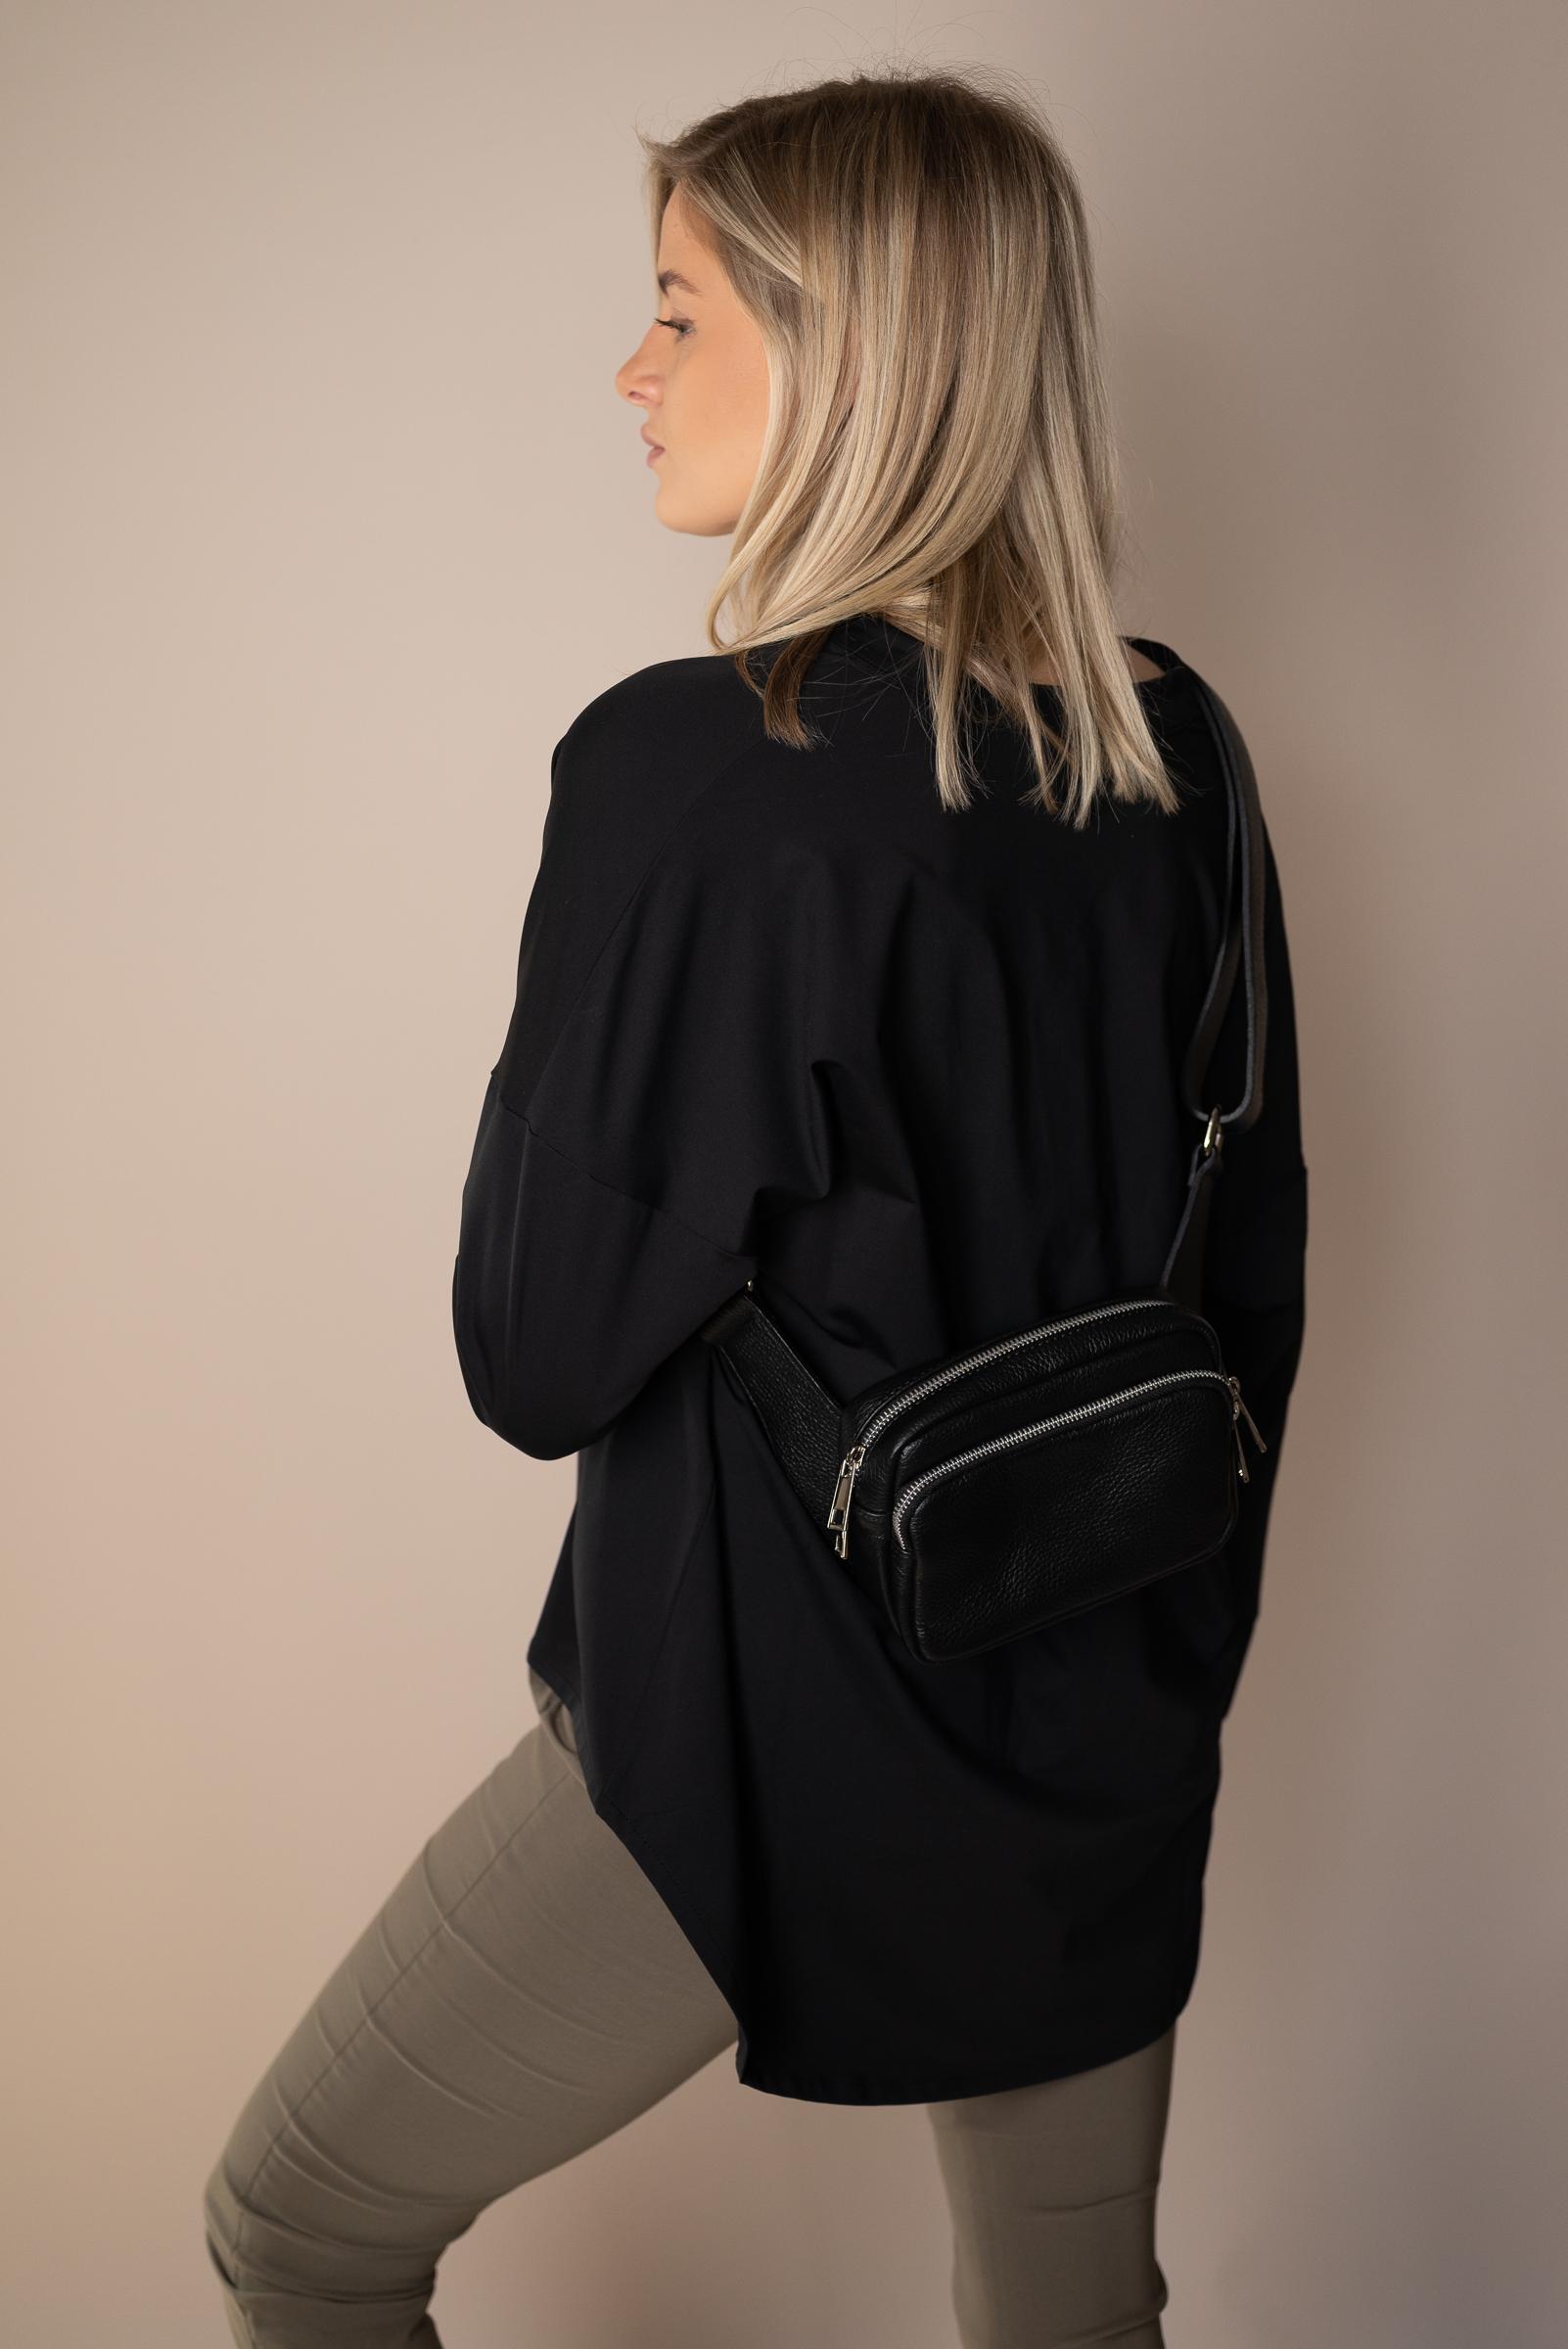 HARBOR BERLIN Crossbody Bag schwarz